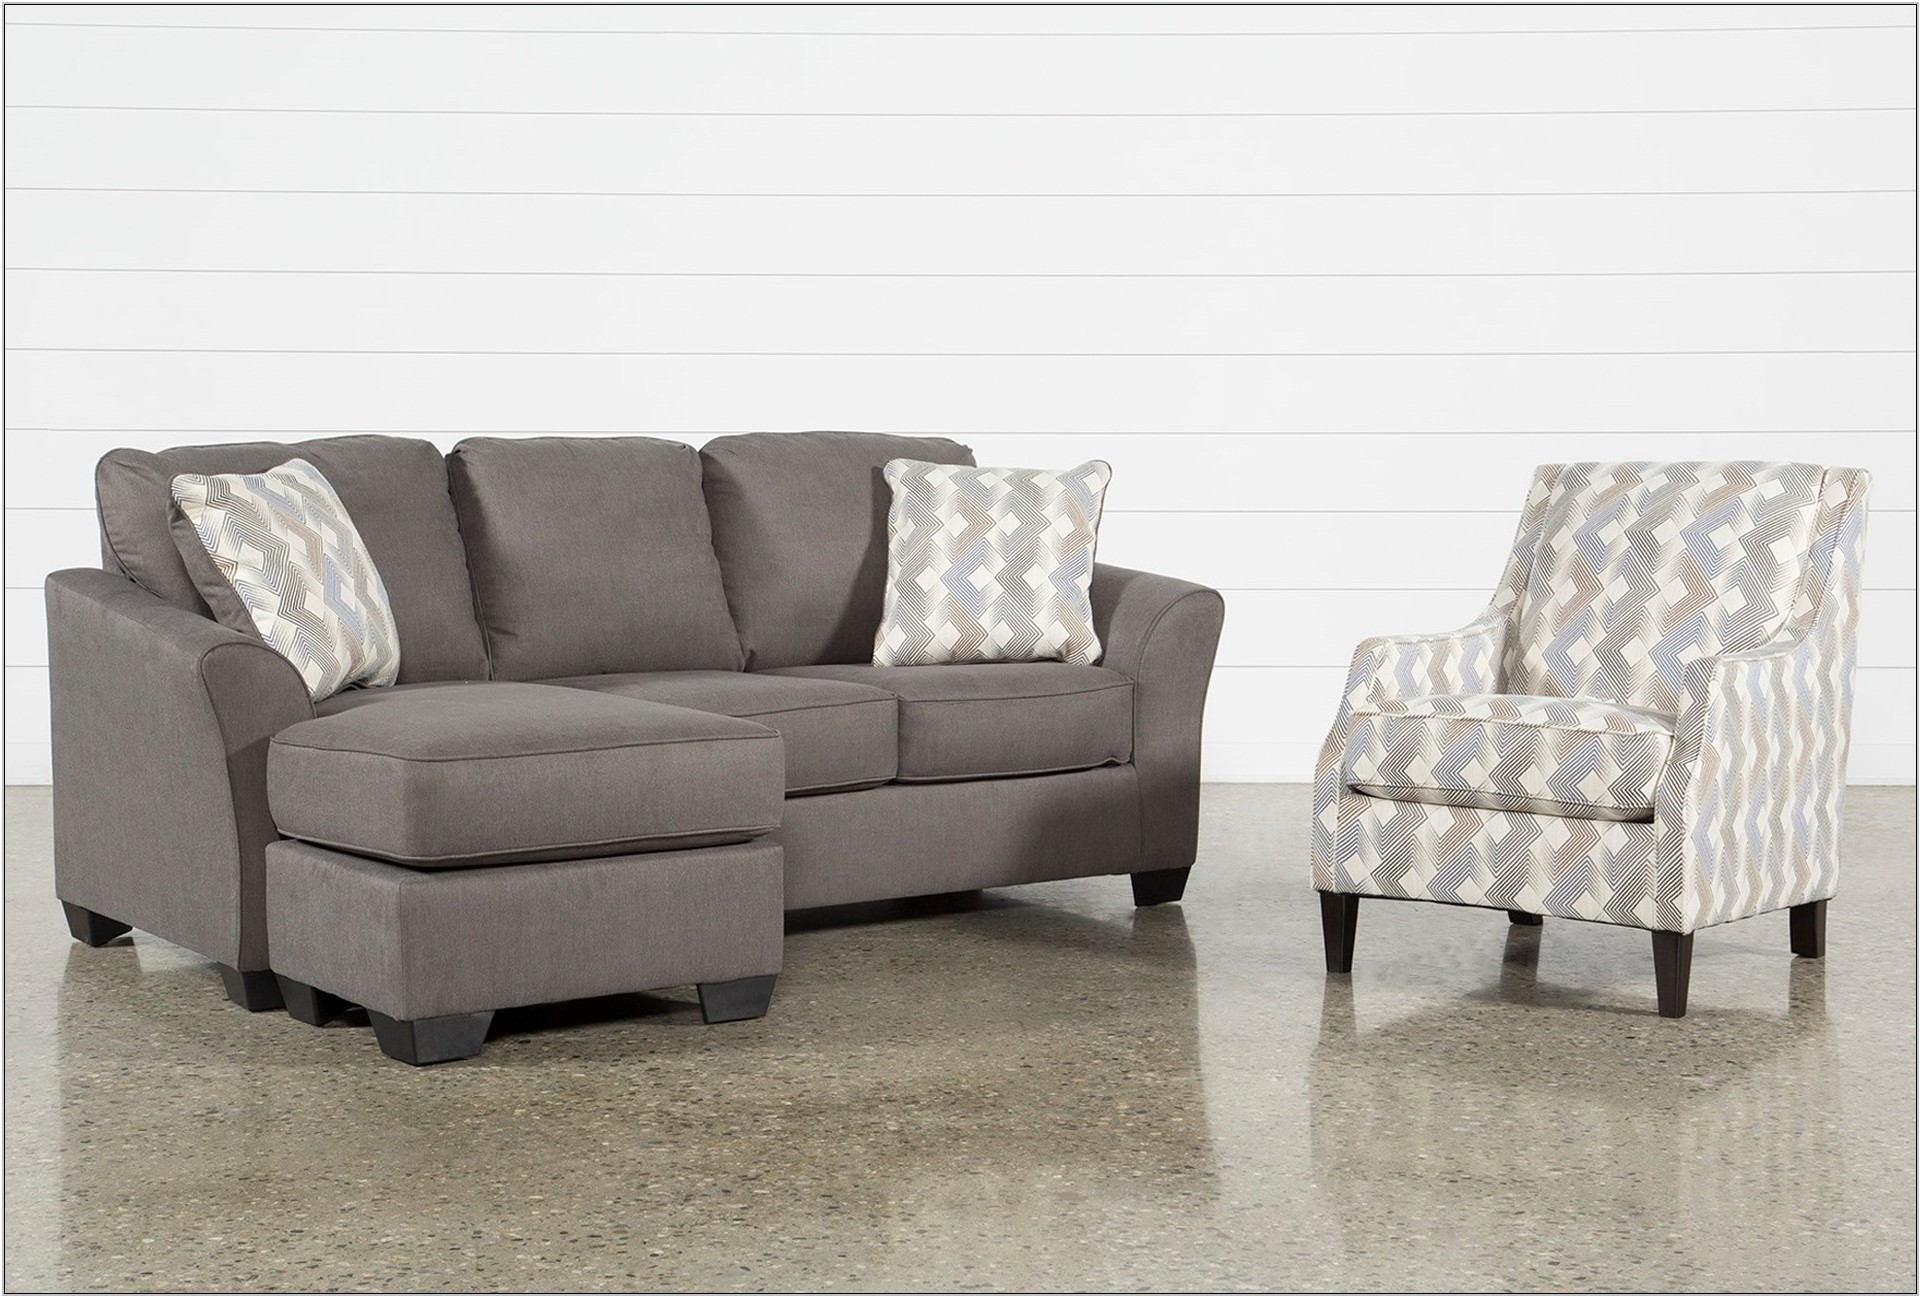 Grey Living Room Sets On Sale